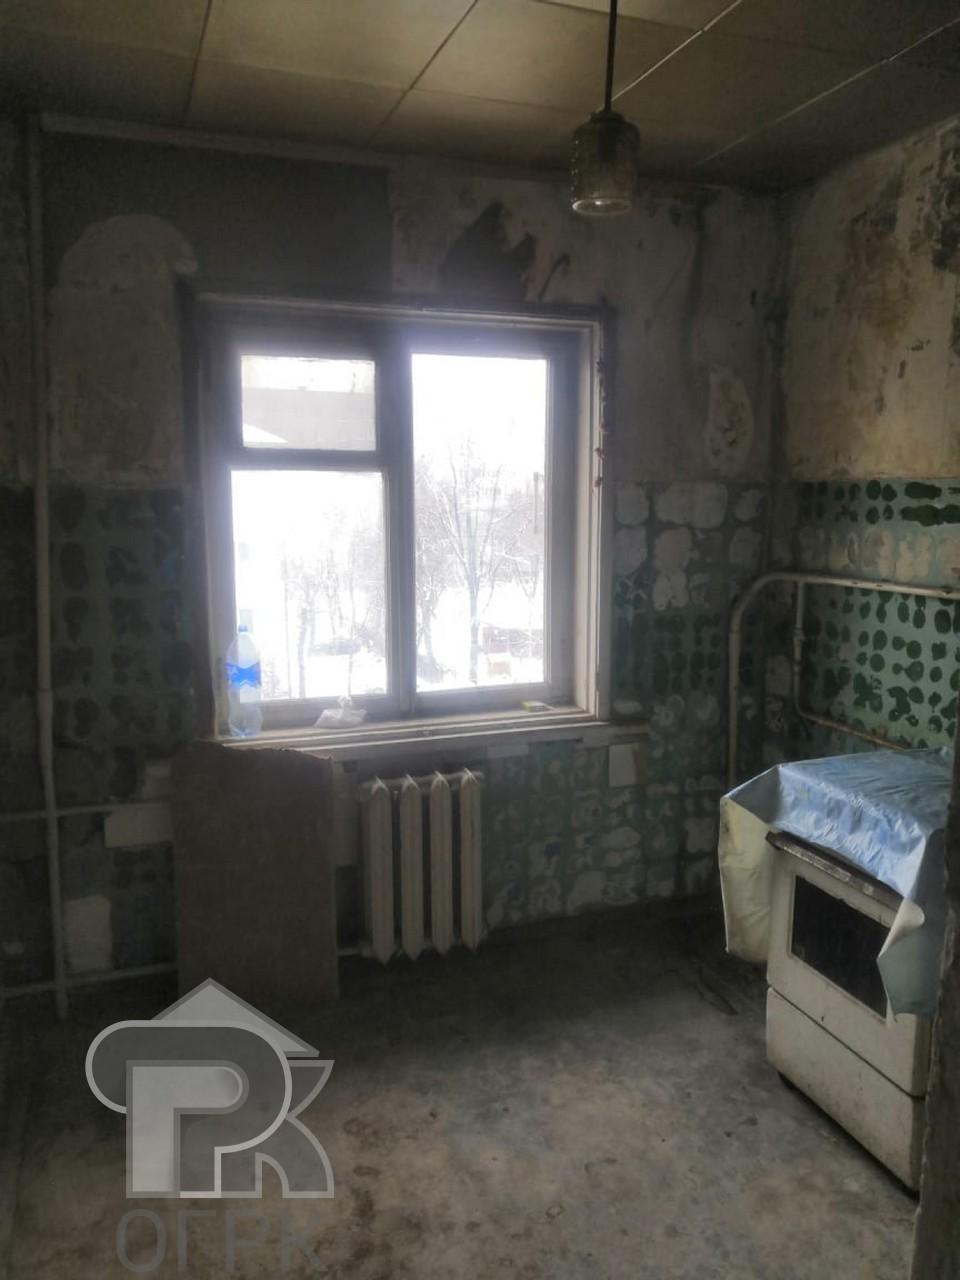 Купить 2-комнатную квартиру, город Балашиха, Балашиха, мкрн Железнодорожный, ул. Пионерская, д.17, №324434